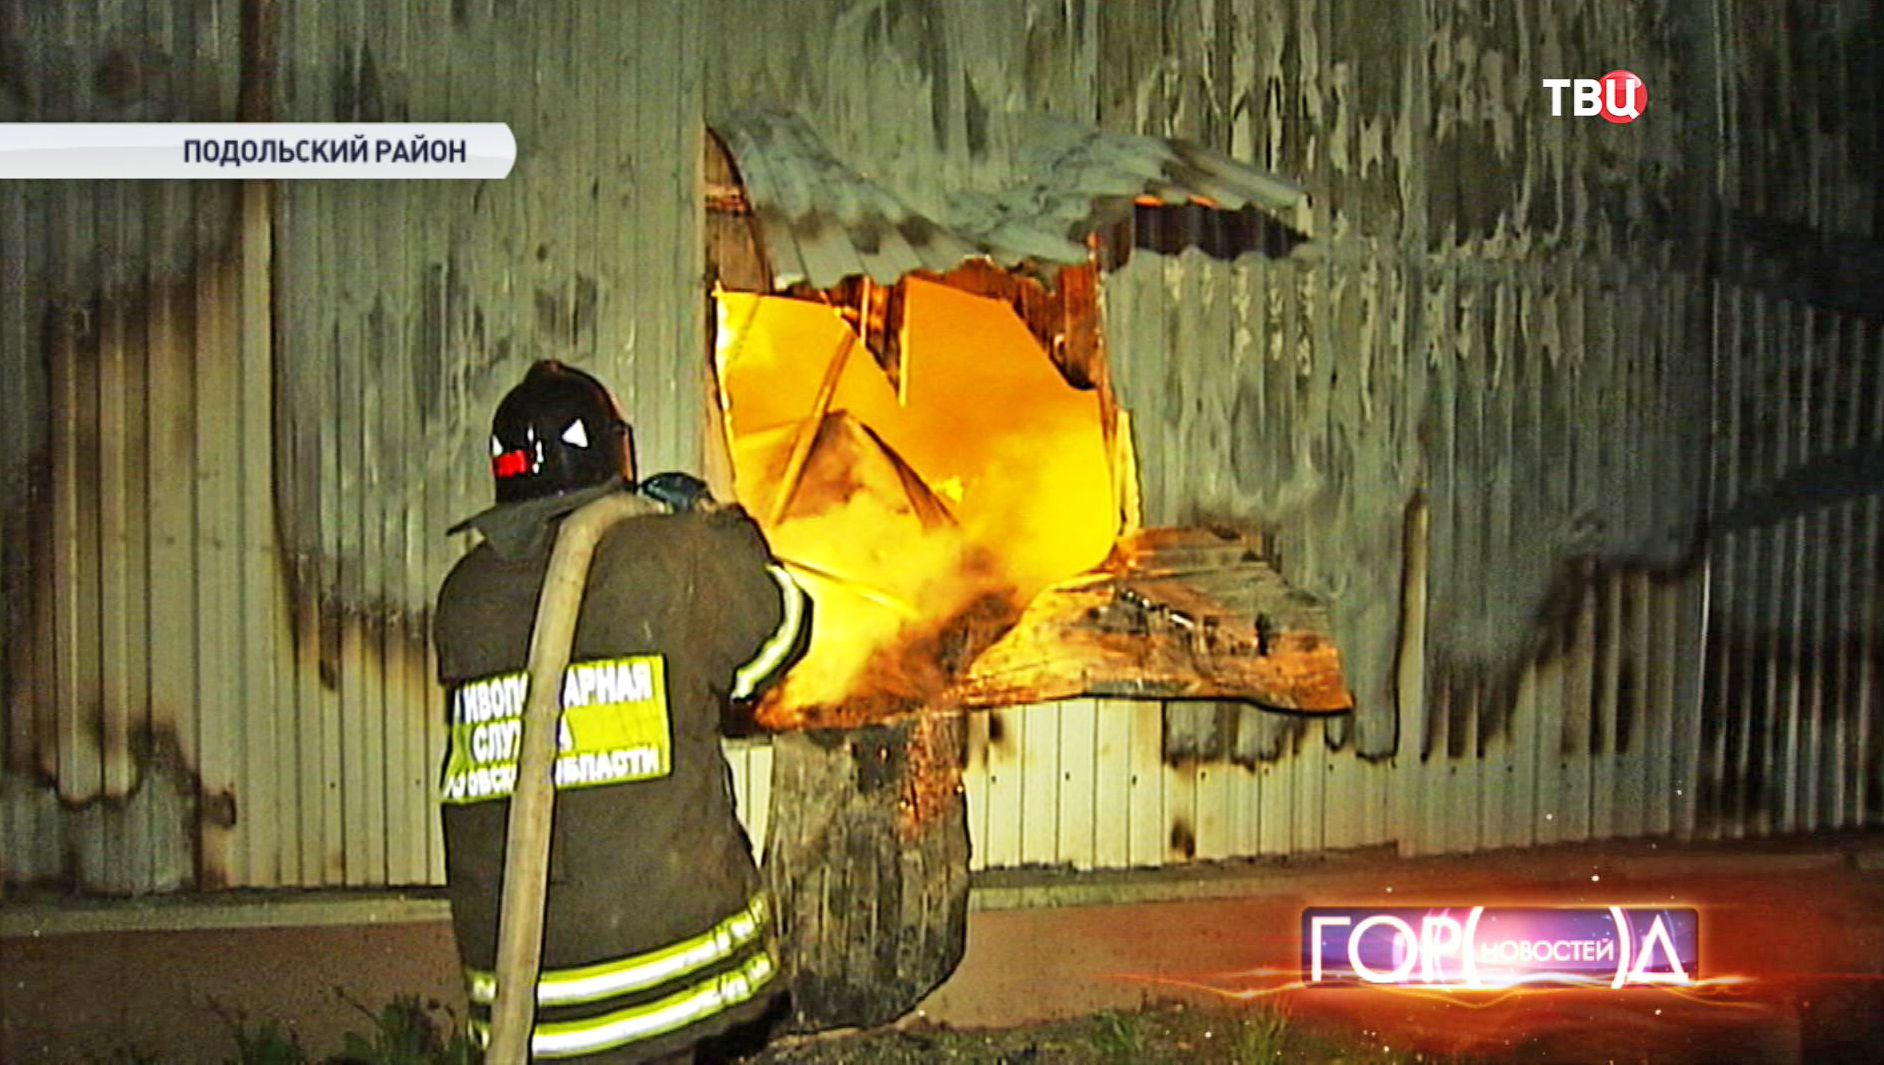 Пожарный устраняет возгорание